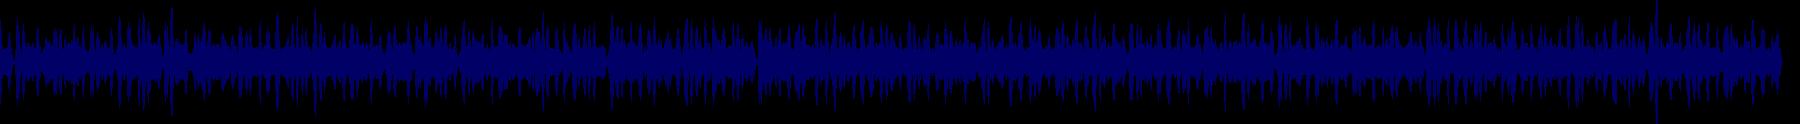 waveform of track #73037